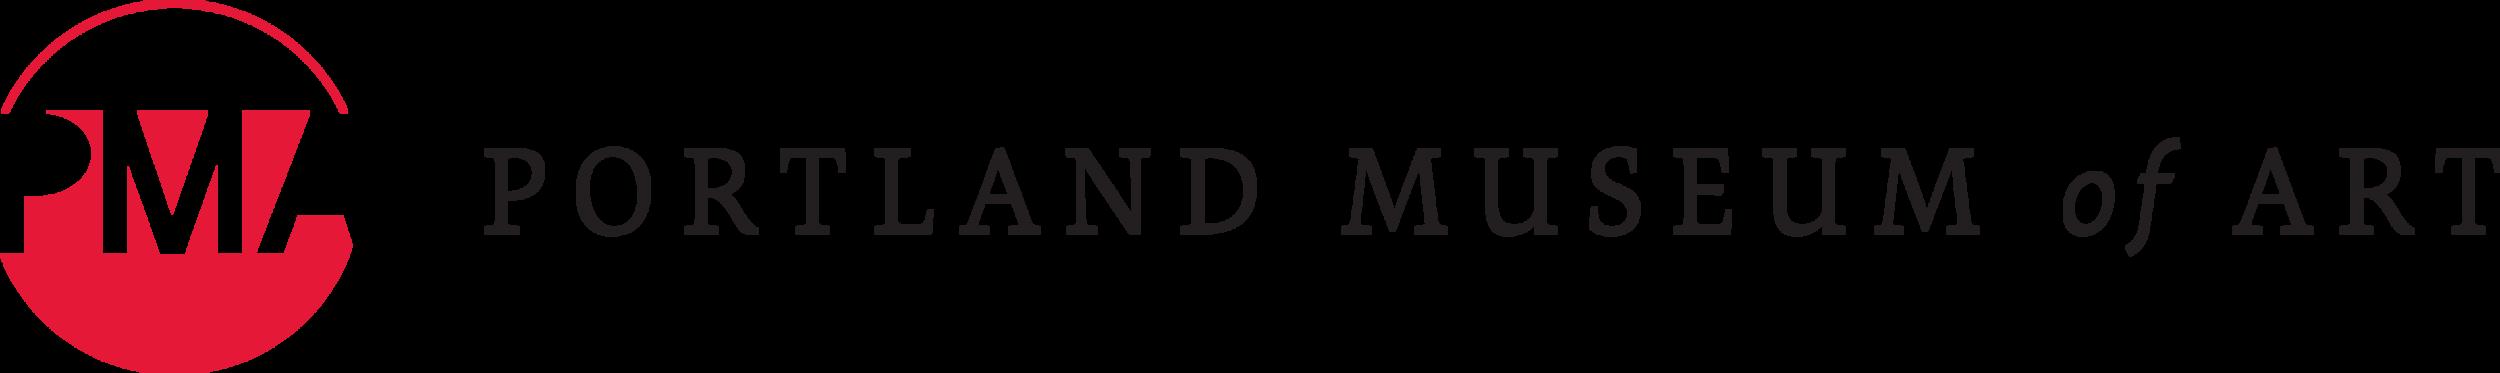 pma-logo-horizontal.png